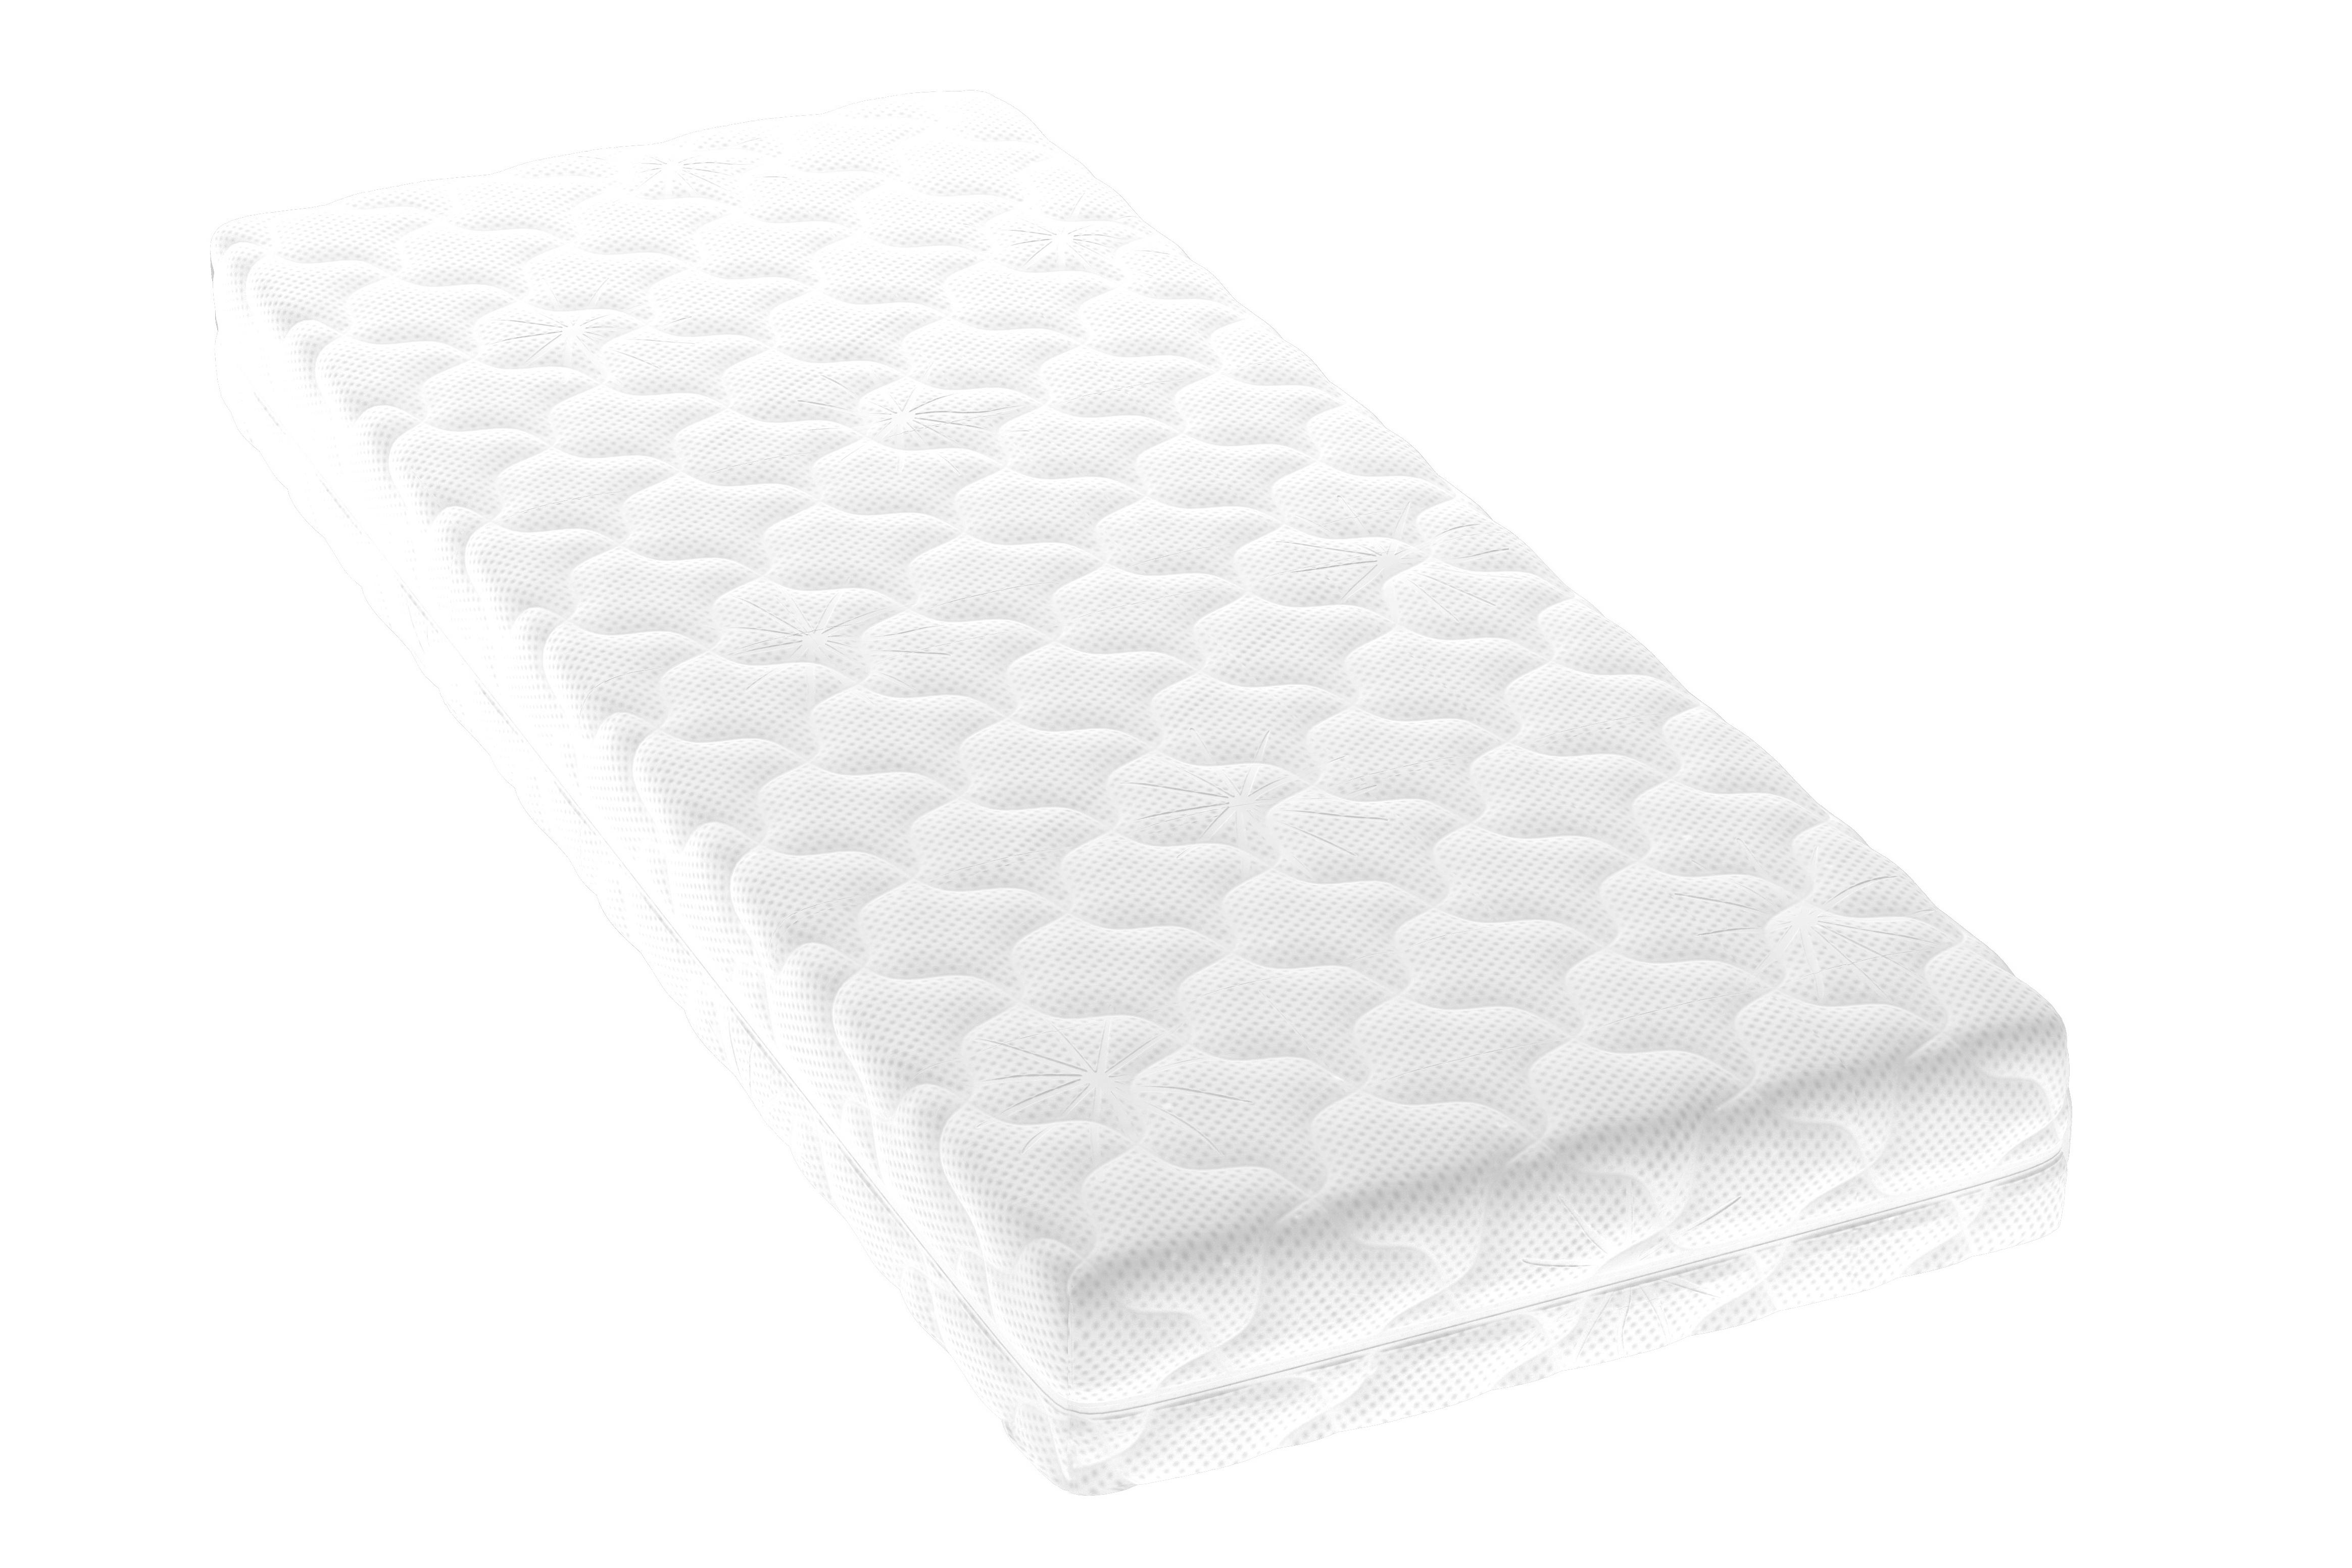 Матрас Tempo 190x160Беспружинные полутороспальные матрасы<br>Матрас из современного эластичного материала Smartflex Soft. Материал мягок и приятен на ощупь, гипоаллергенен, благодаря своей пористой структуре хорошо вентилируется.&amp;amp;nbsp;&amp;lt;div&amp;gt;&amp;lt;br&amp;gt;&amp;lt;/div&amp;gt;&amp;lt;div&amp;gt;Компактная упаковка в виде рулона и небольшой вес облегчают транспортировку матраса, делая его идеальным для быстрого обустройства спального места. Чехол из практичной трикотажной ткани Jersey, делающей его простым в уходе. Ткань чехла мягкая и эластичная на ощупь, имеет приятную фактуру, не сминается, устойчива к пятнам, не способствует размножению бактерий и пылевых клещей.&amp;amp;nbsp;&amp;lt;/div&amp;gt;&amp;lt;div&amp;gt;Матрас Tempo – для тех, кто привык жить в быстром темпе!&amp;lt;/div&amp;gt;<br><br>Material: Текстиль<br>Ширина см: 160<br>Высота см: 17